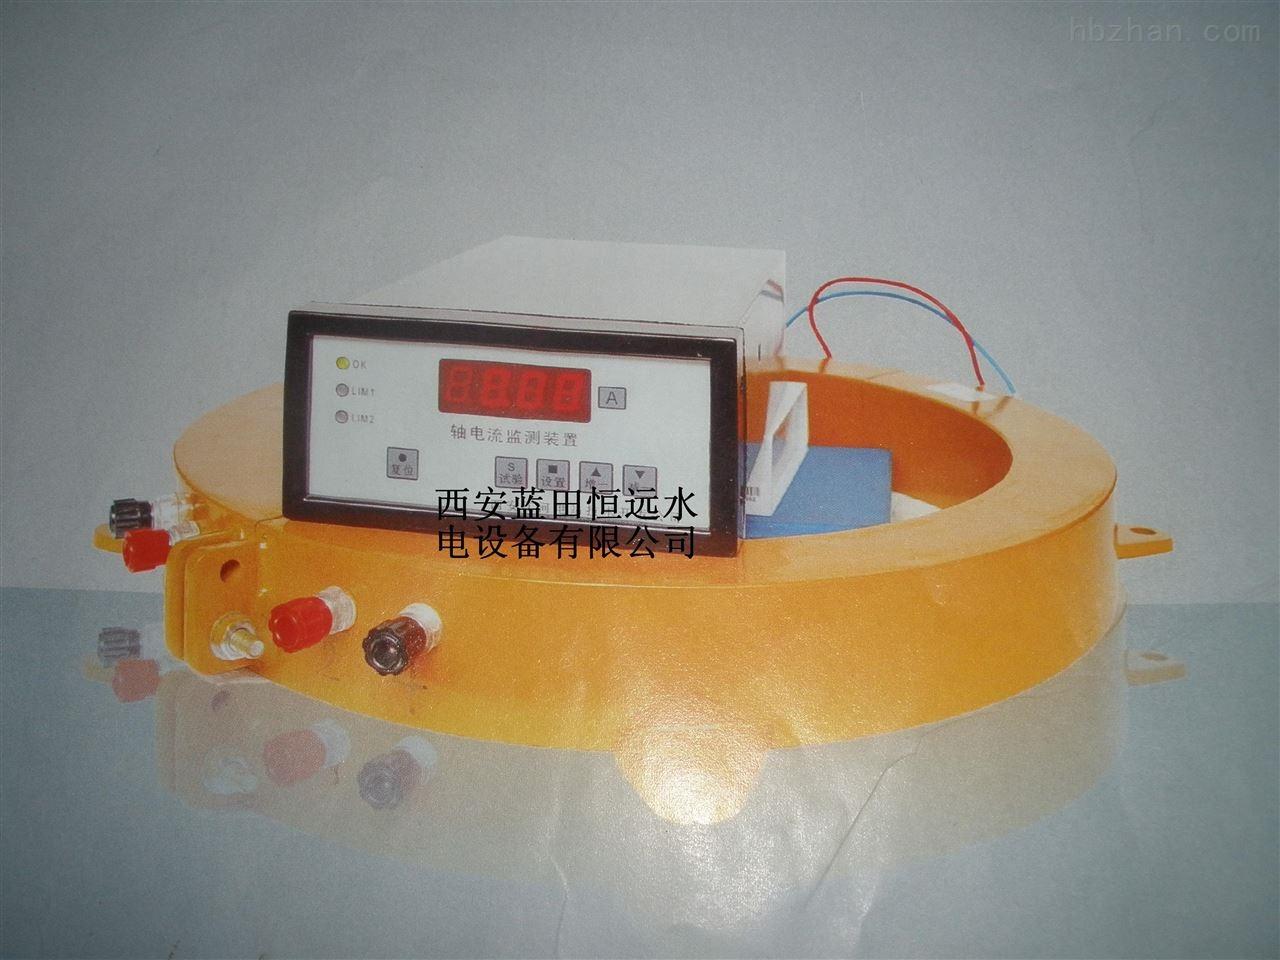 水轮发电机组大轴电流越限监控ZDL-M轴电流保护装置